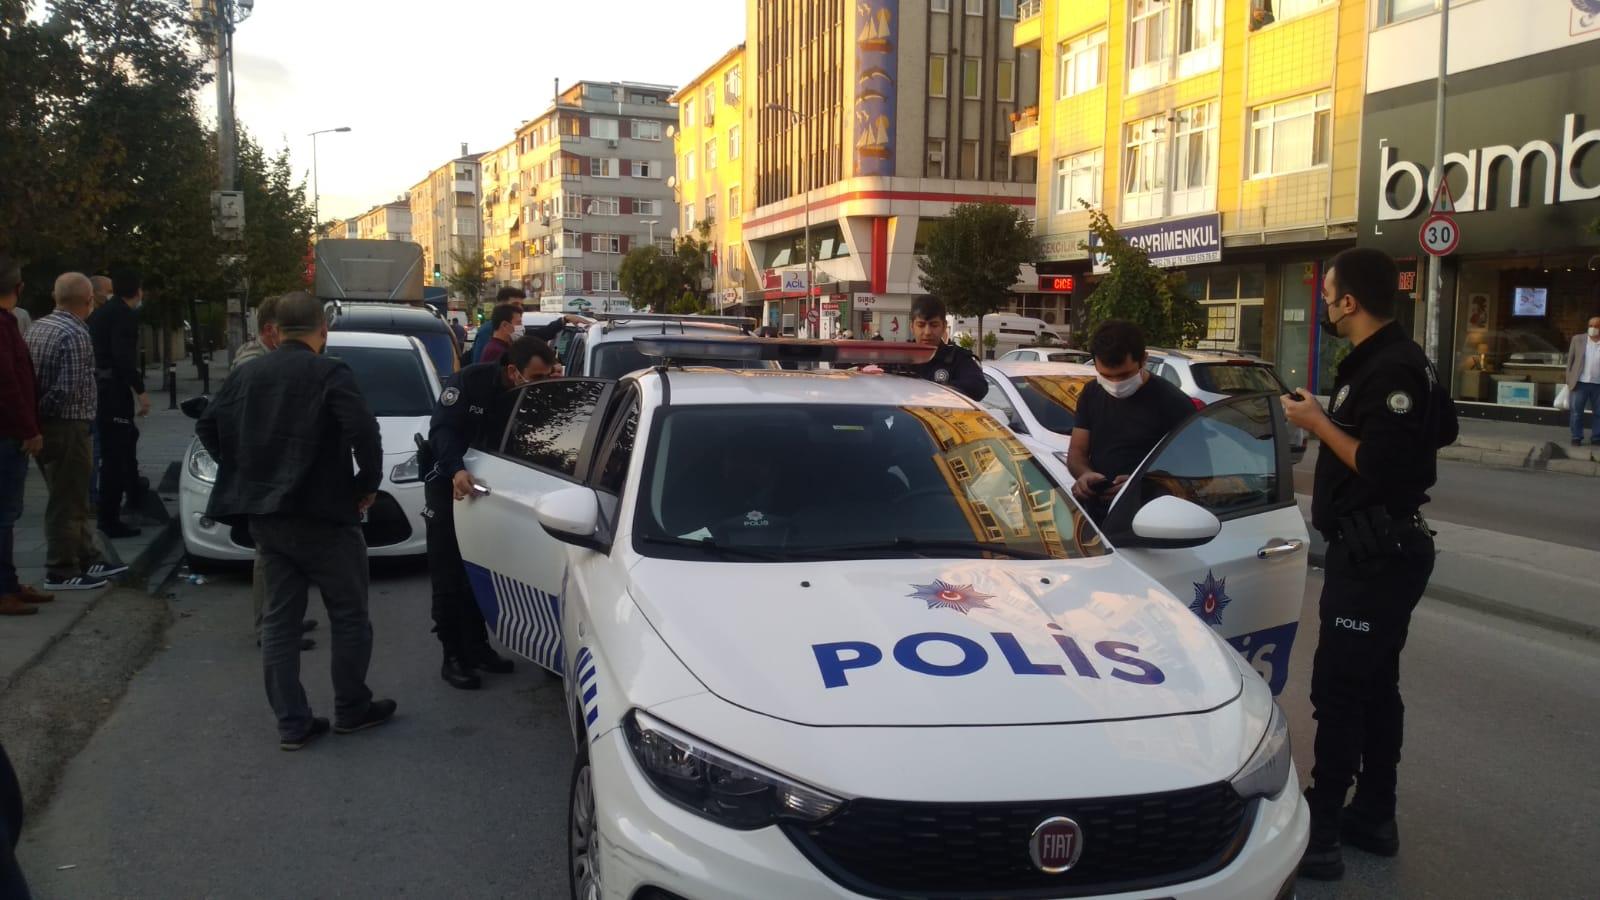 Kuyumcuyu yaralayıp, silahını çaldılar, kaçarken vatandaşların gazabından kurtulamadılar